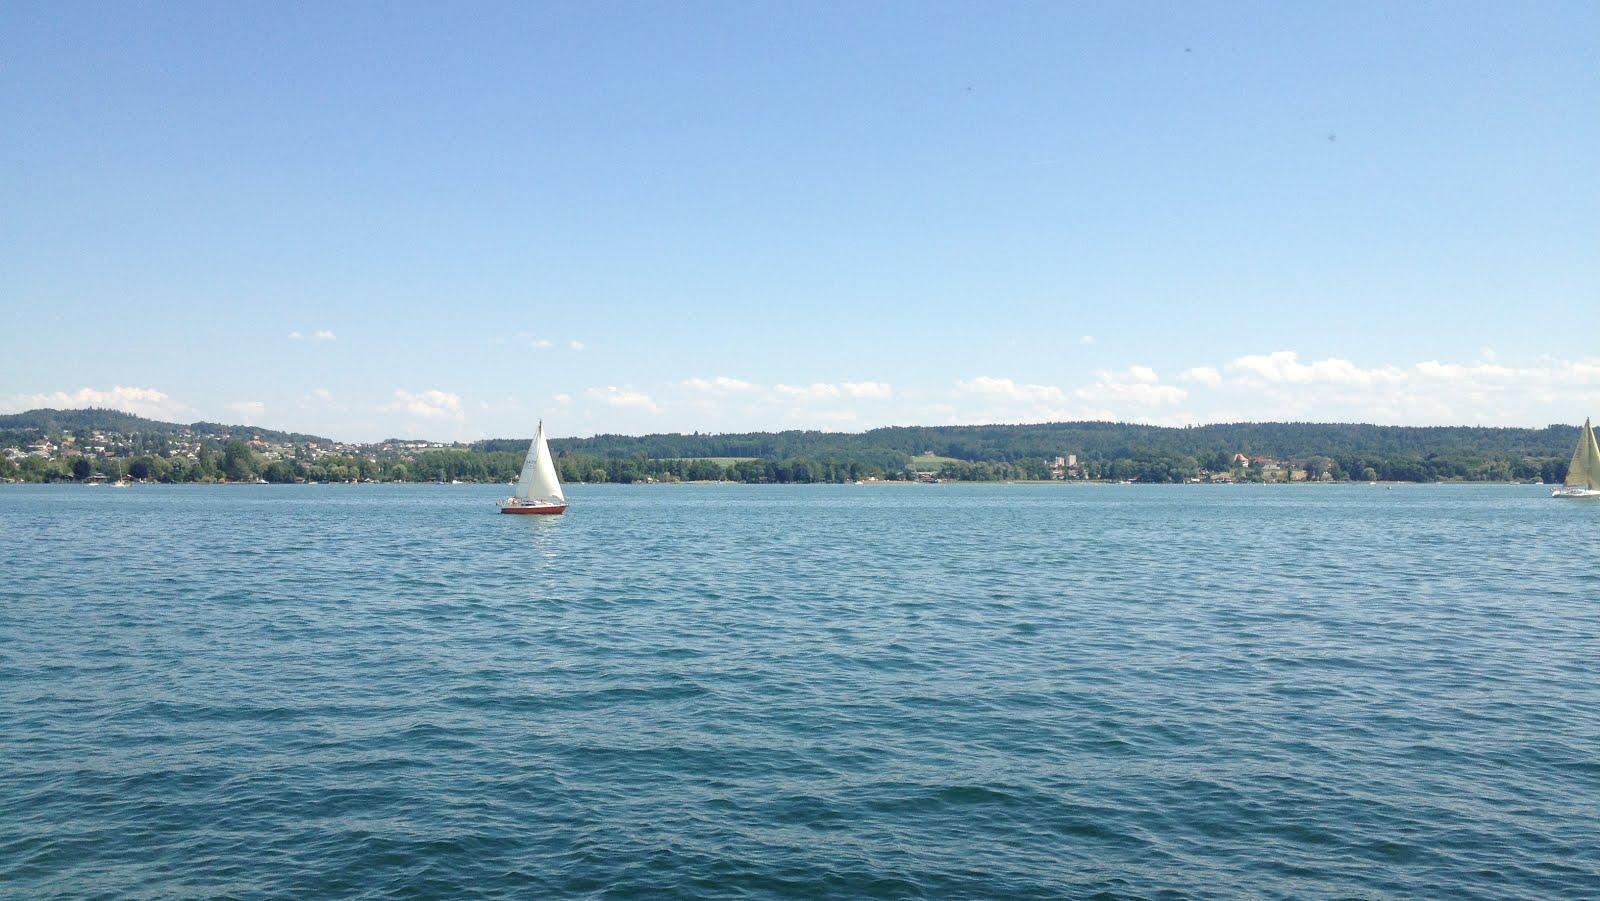 ffe92543168 Quem diria que Biel Bienne estaria na lista de maiores cidades da Suíça